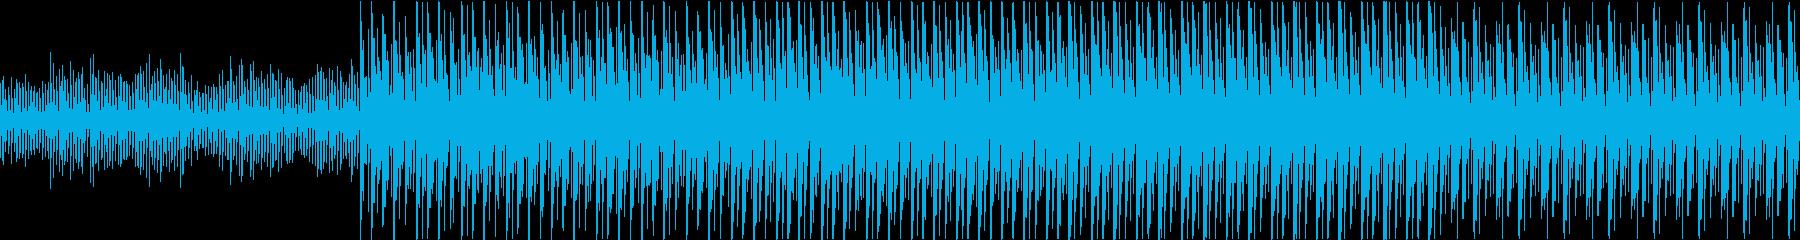 ニュース 報道 事件  迷走 迷路ループの再生済みの波形